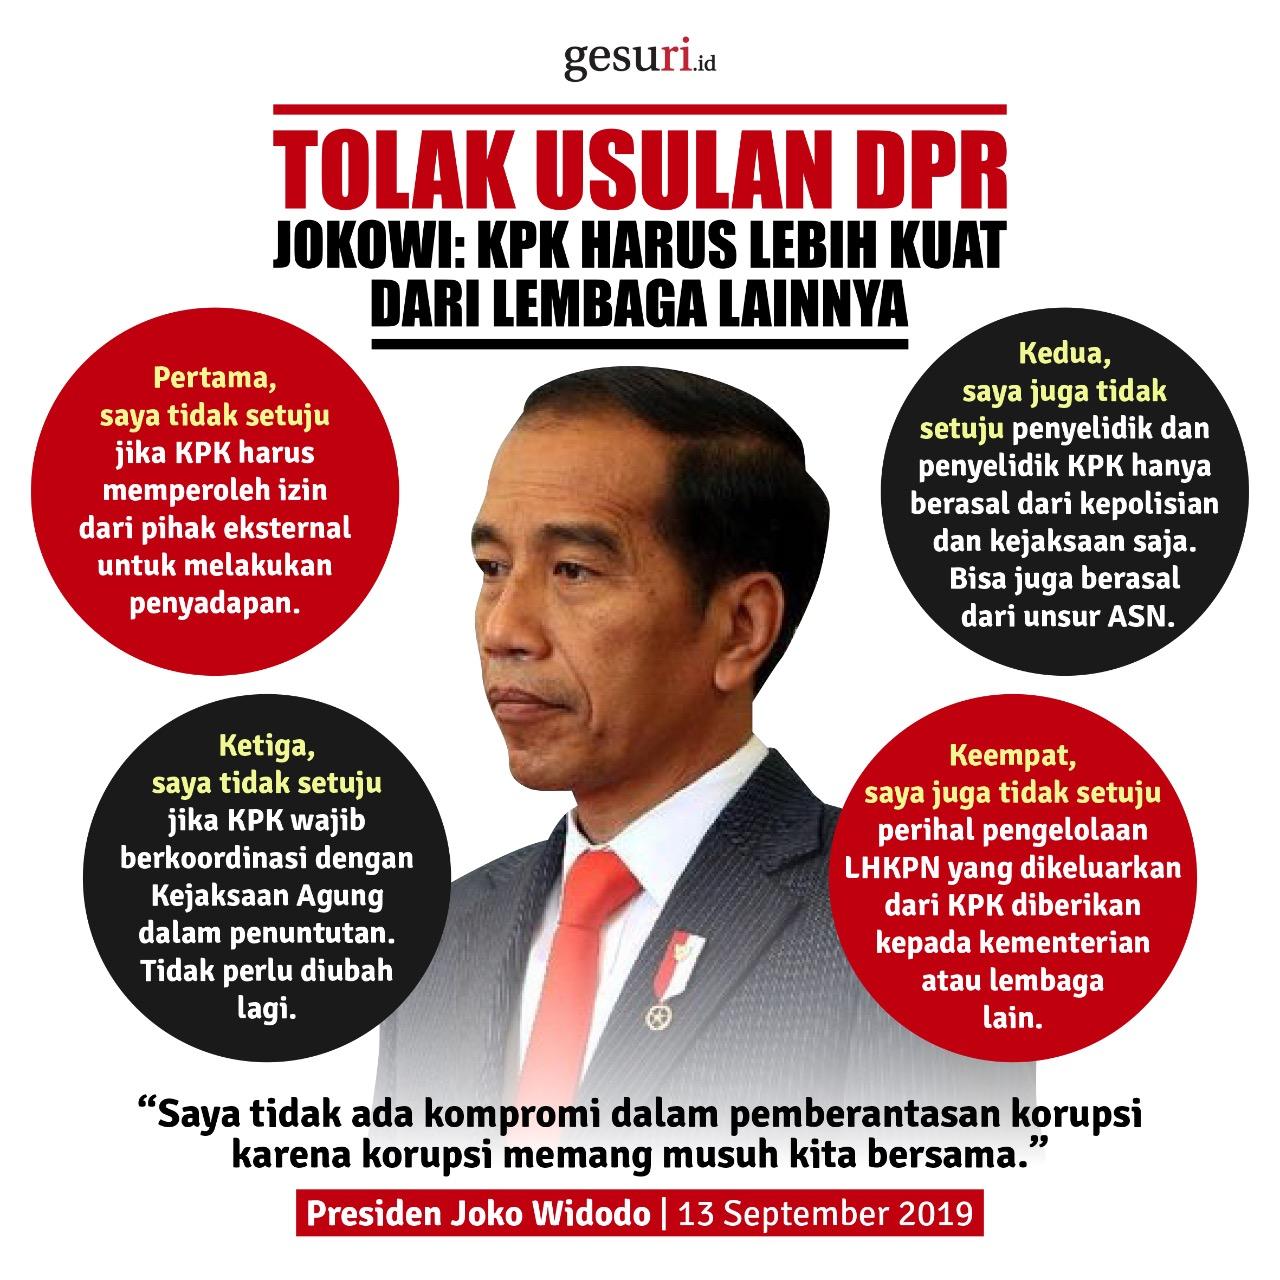 Jokowi: KPK Harus Lebih Kuat Dari Lembaga Lainnya